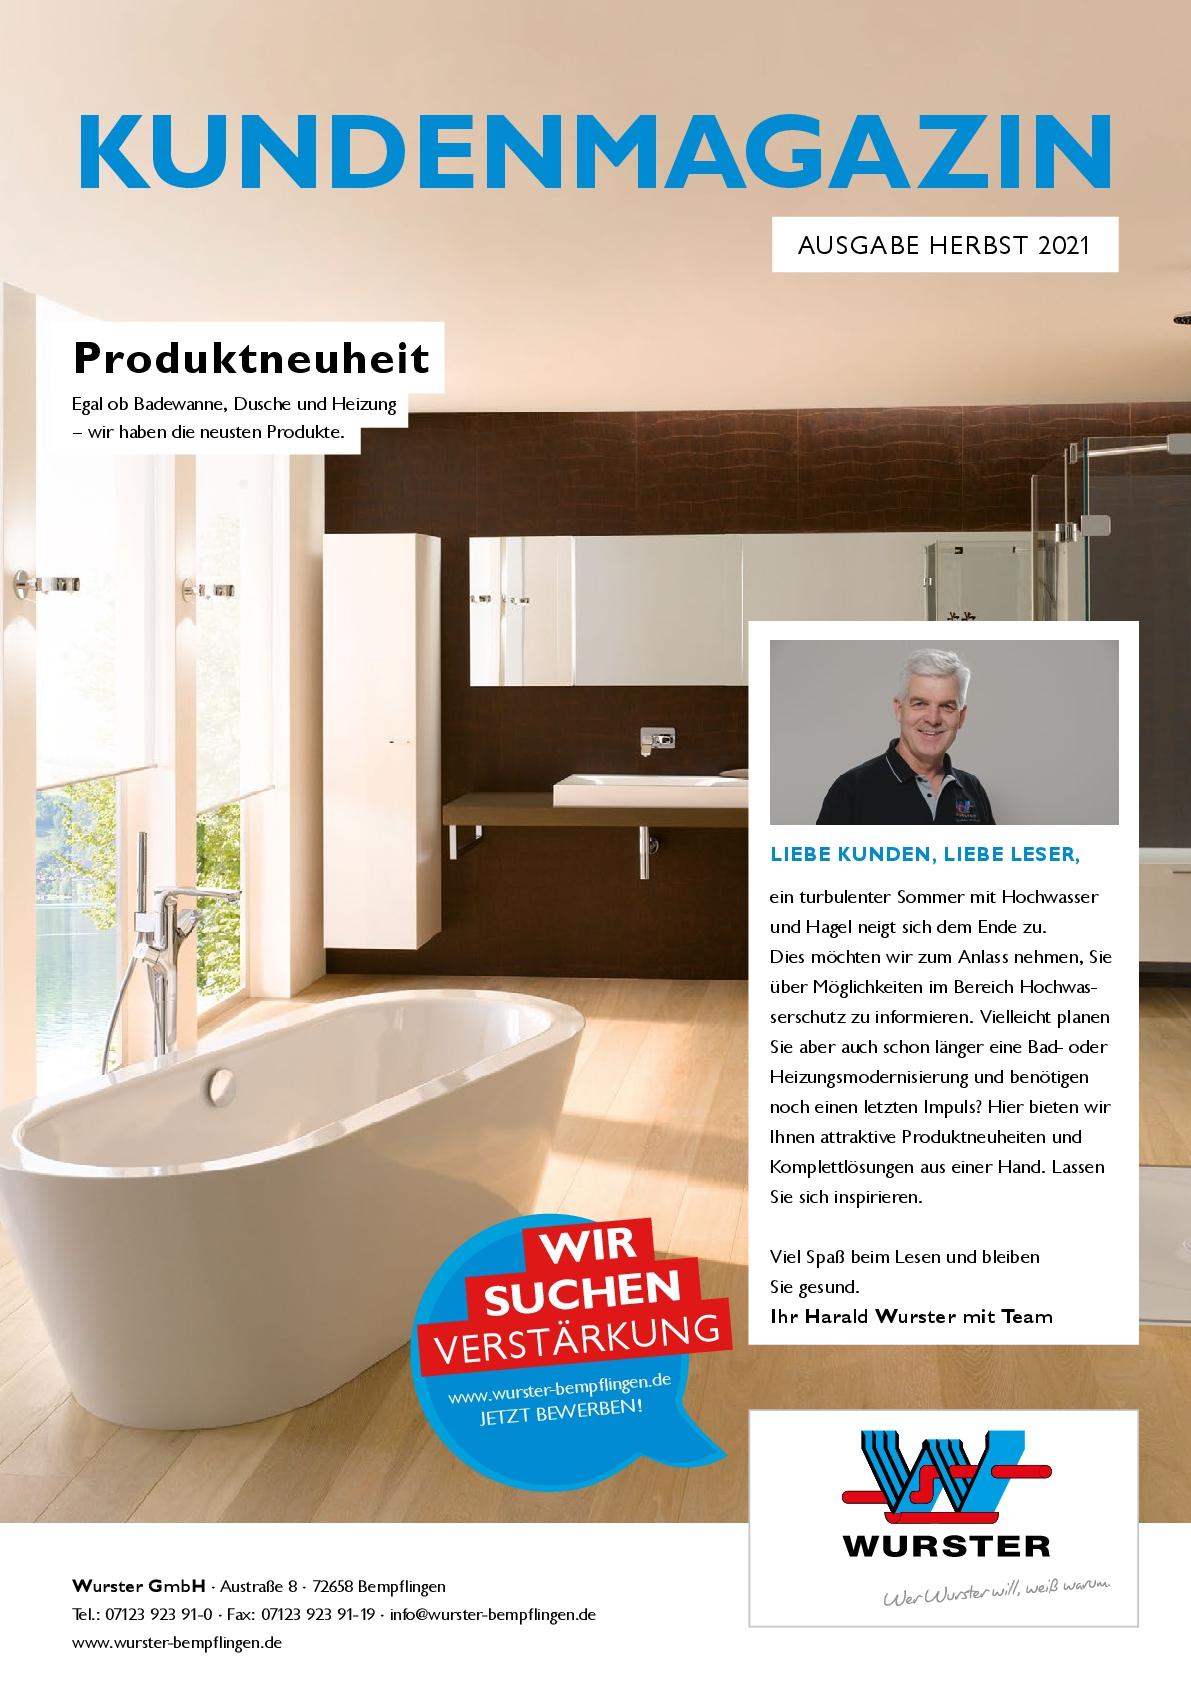 Kundenmagazin_Wurster Herbst 2021 Einzelseiten-1-002